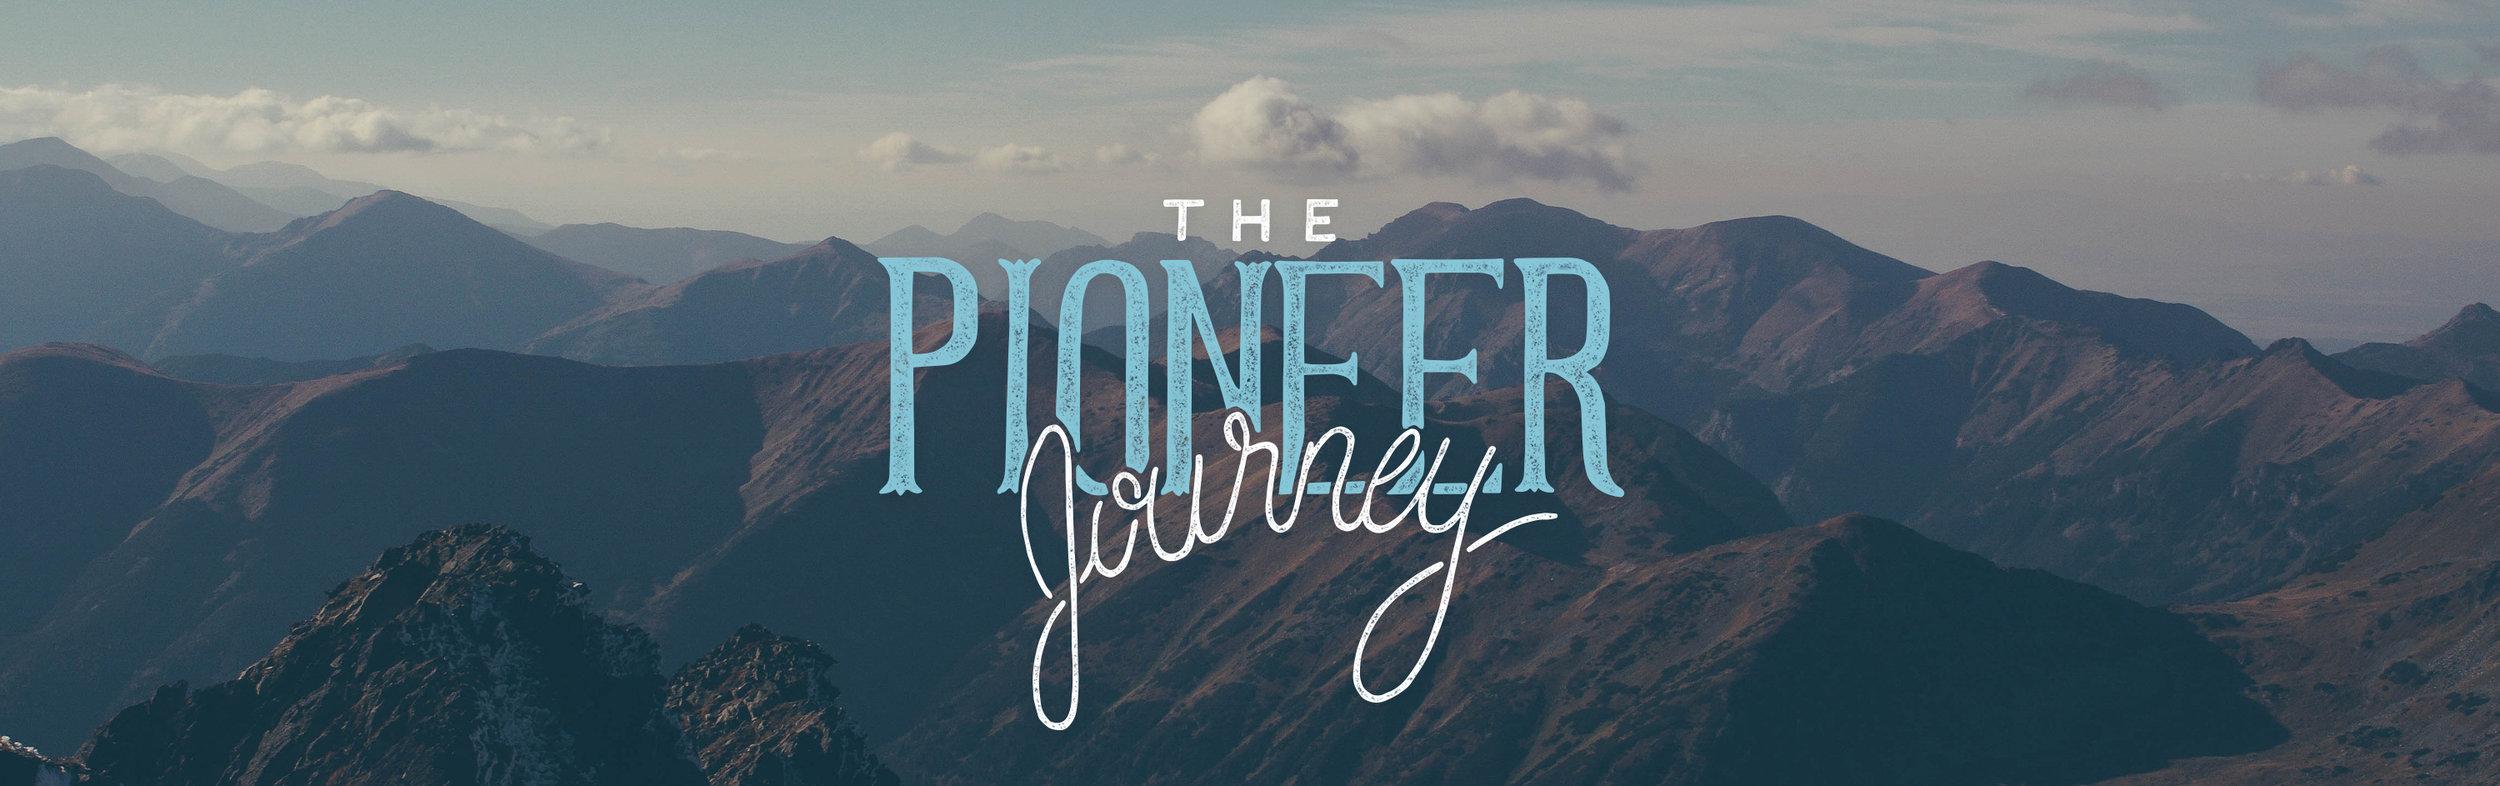 pioneer journey_flat image.jpg